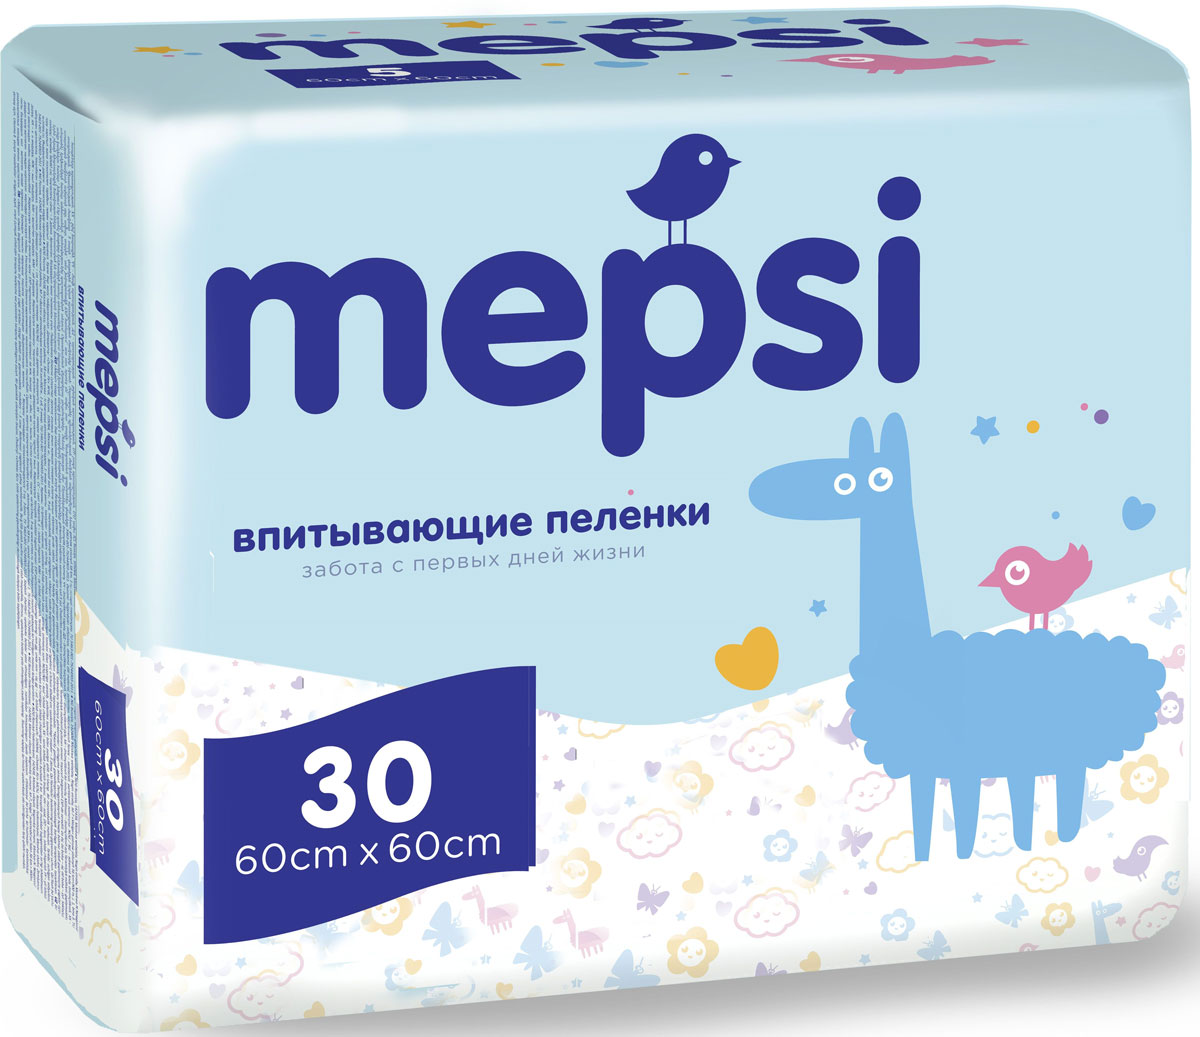 Mepsi Пеленки одноразовые впитывающие 60 х 60 см 30 шт одноразовые пеленки greenty гринти 60 см x 90 см 10 шт